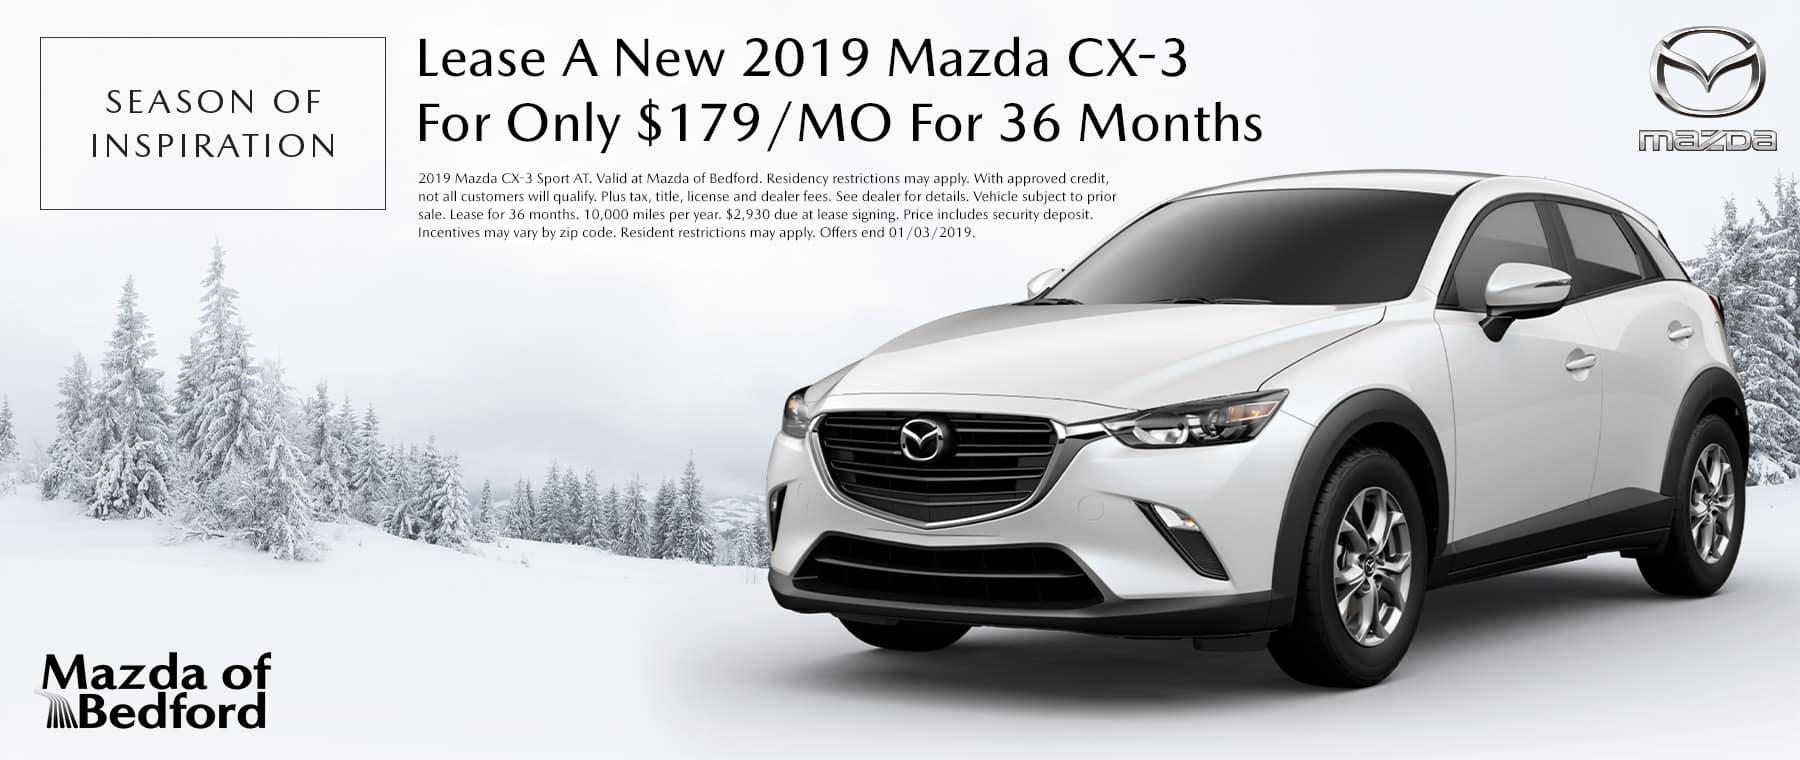 2019 Mazda CX-3 - Mazda of Bedford - Bedford, OH